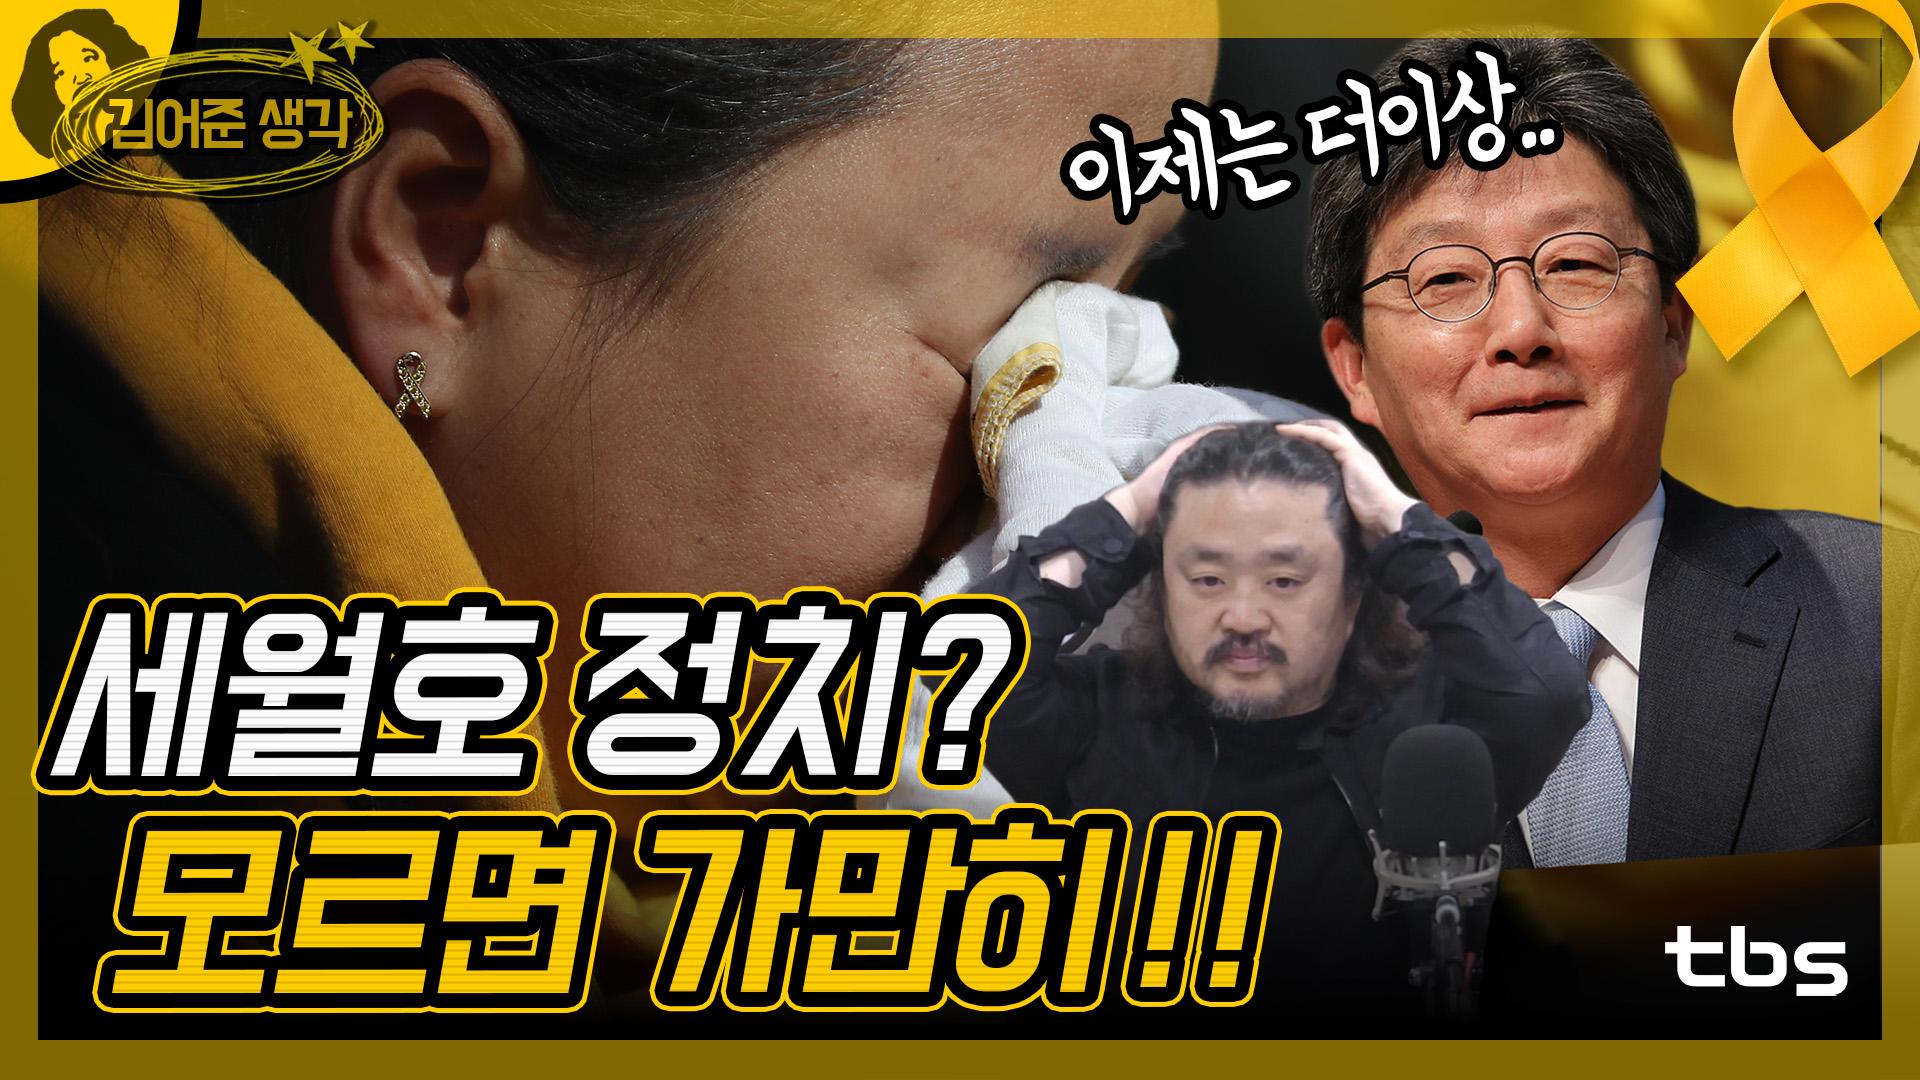 세월호 정치? 모르면 가만히!! [김어준의 뉴스공장/김어준생각]